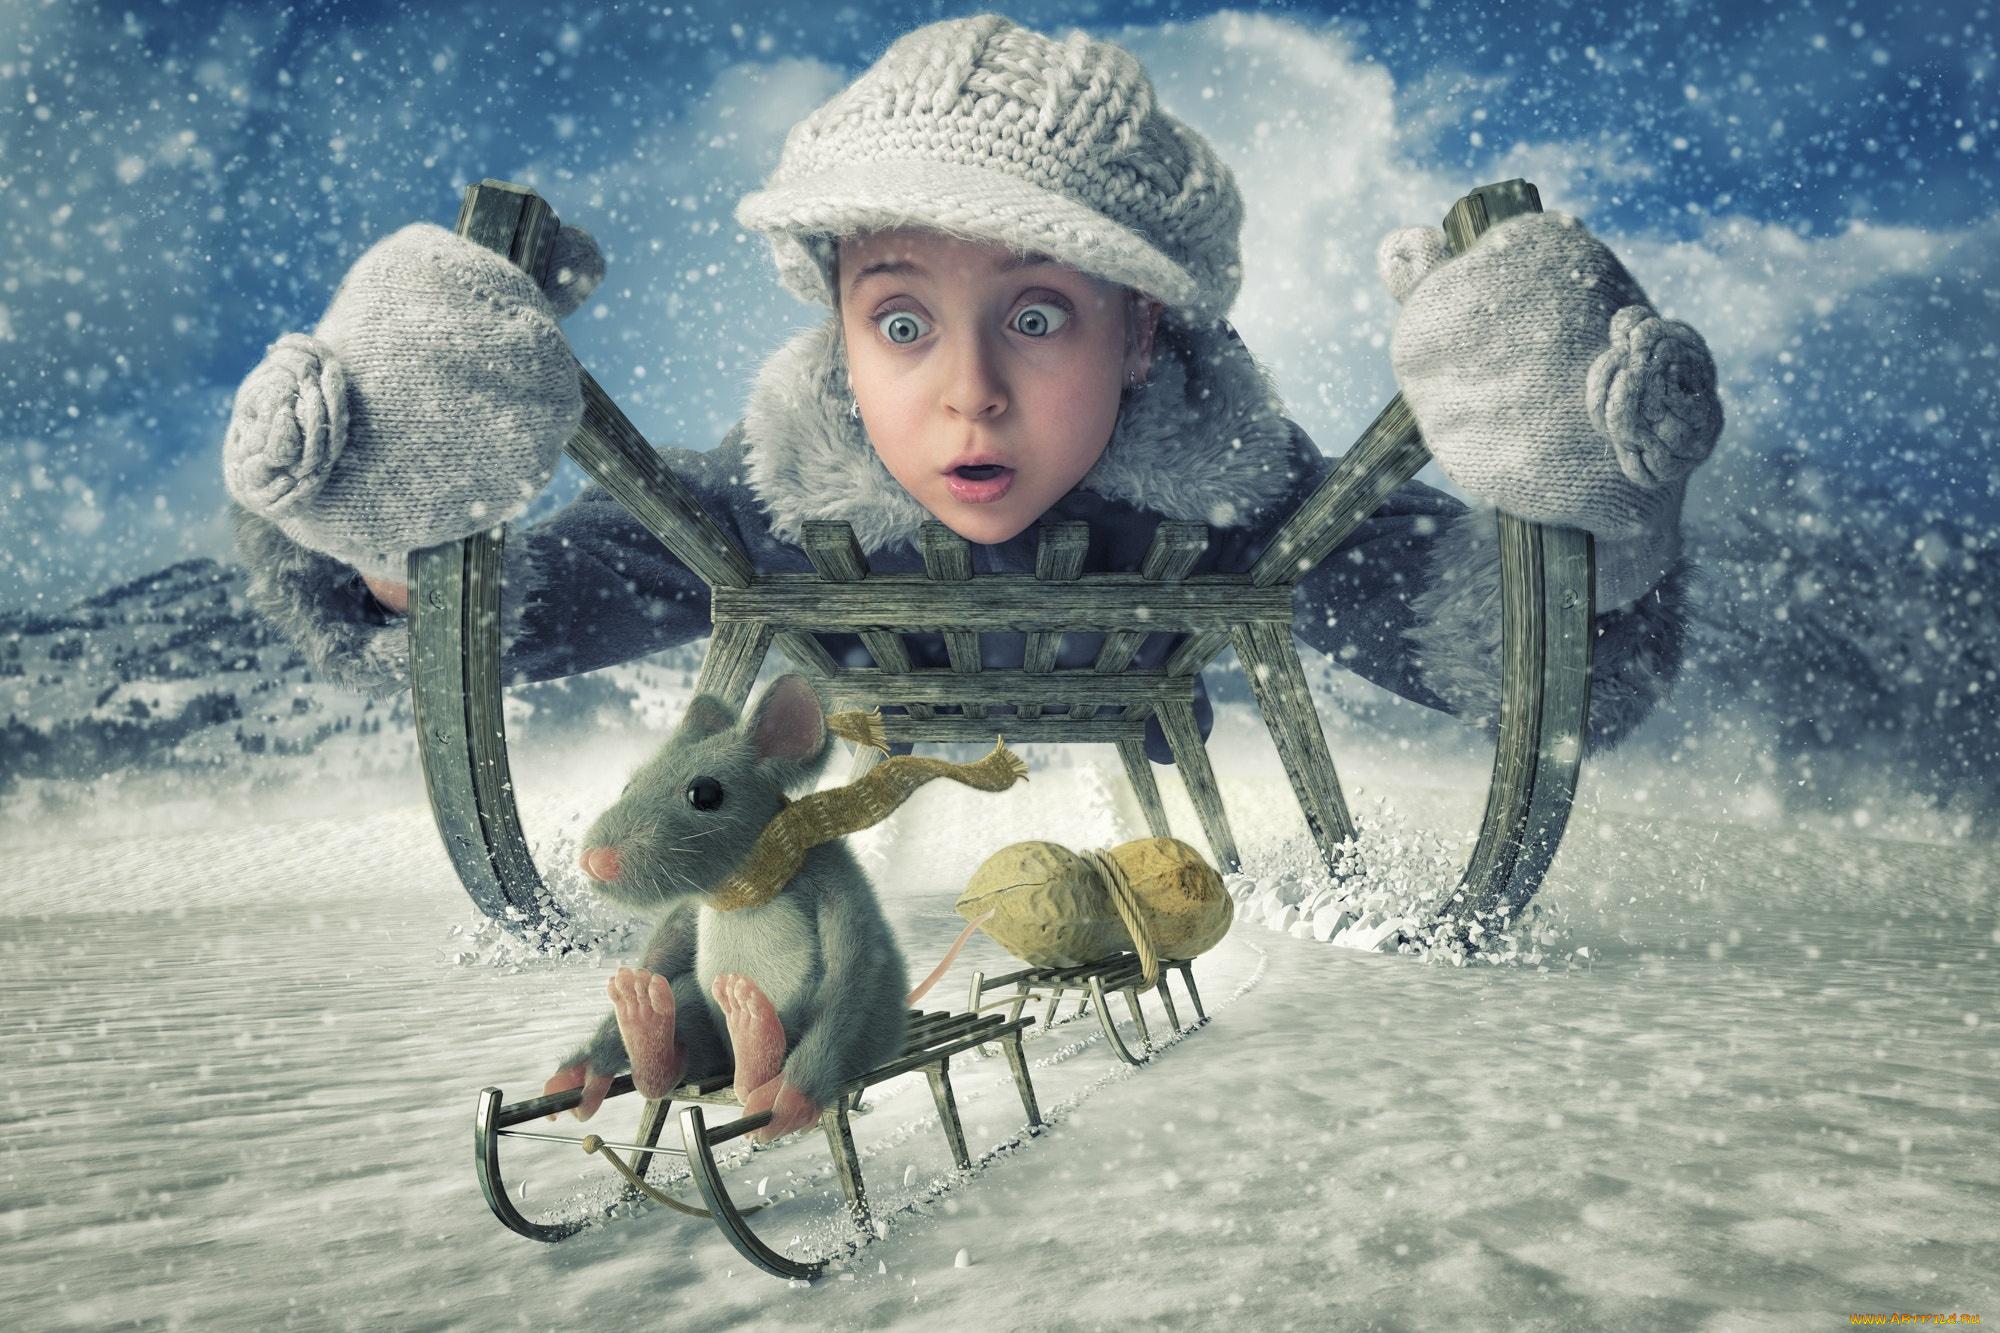 Картинках, картинки девушка зимой смешные